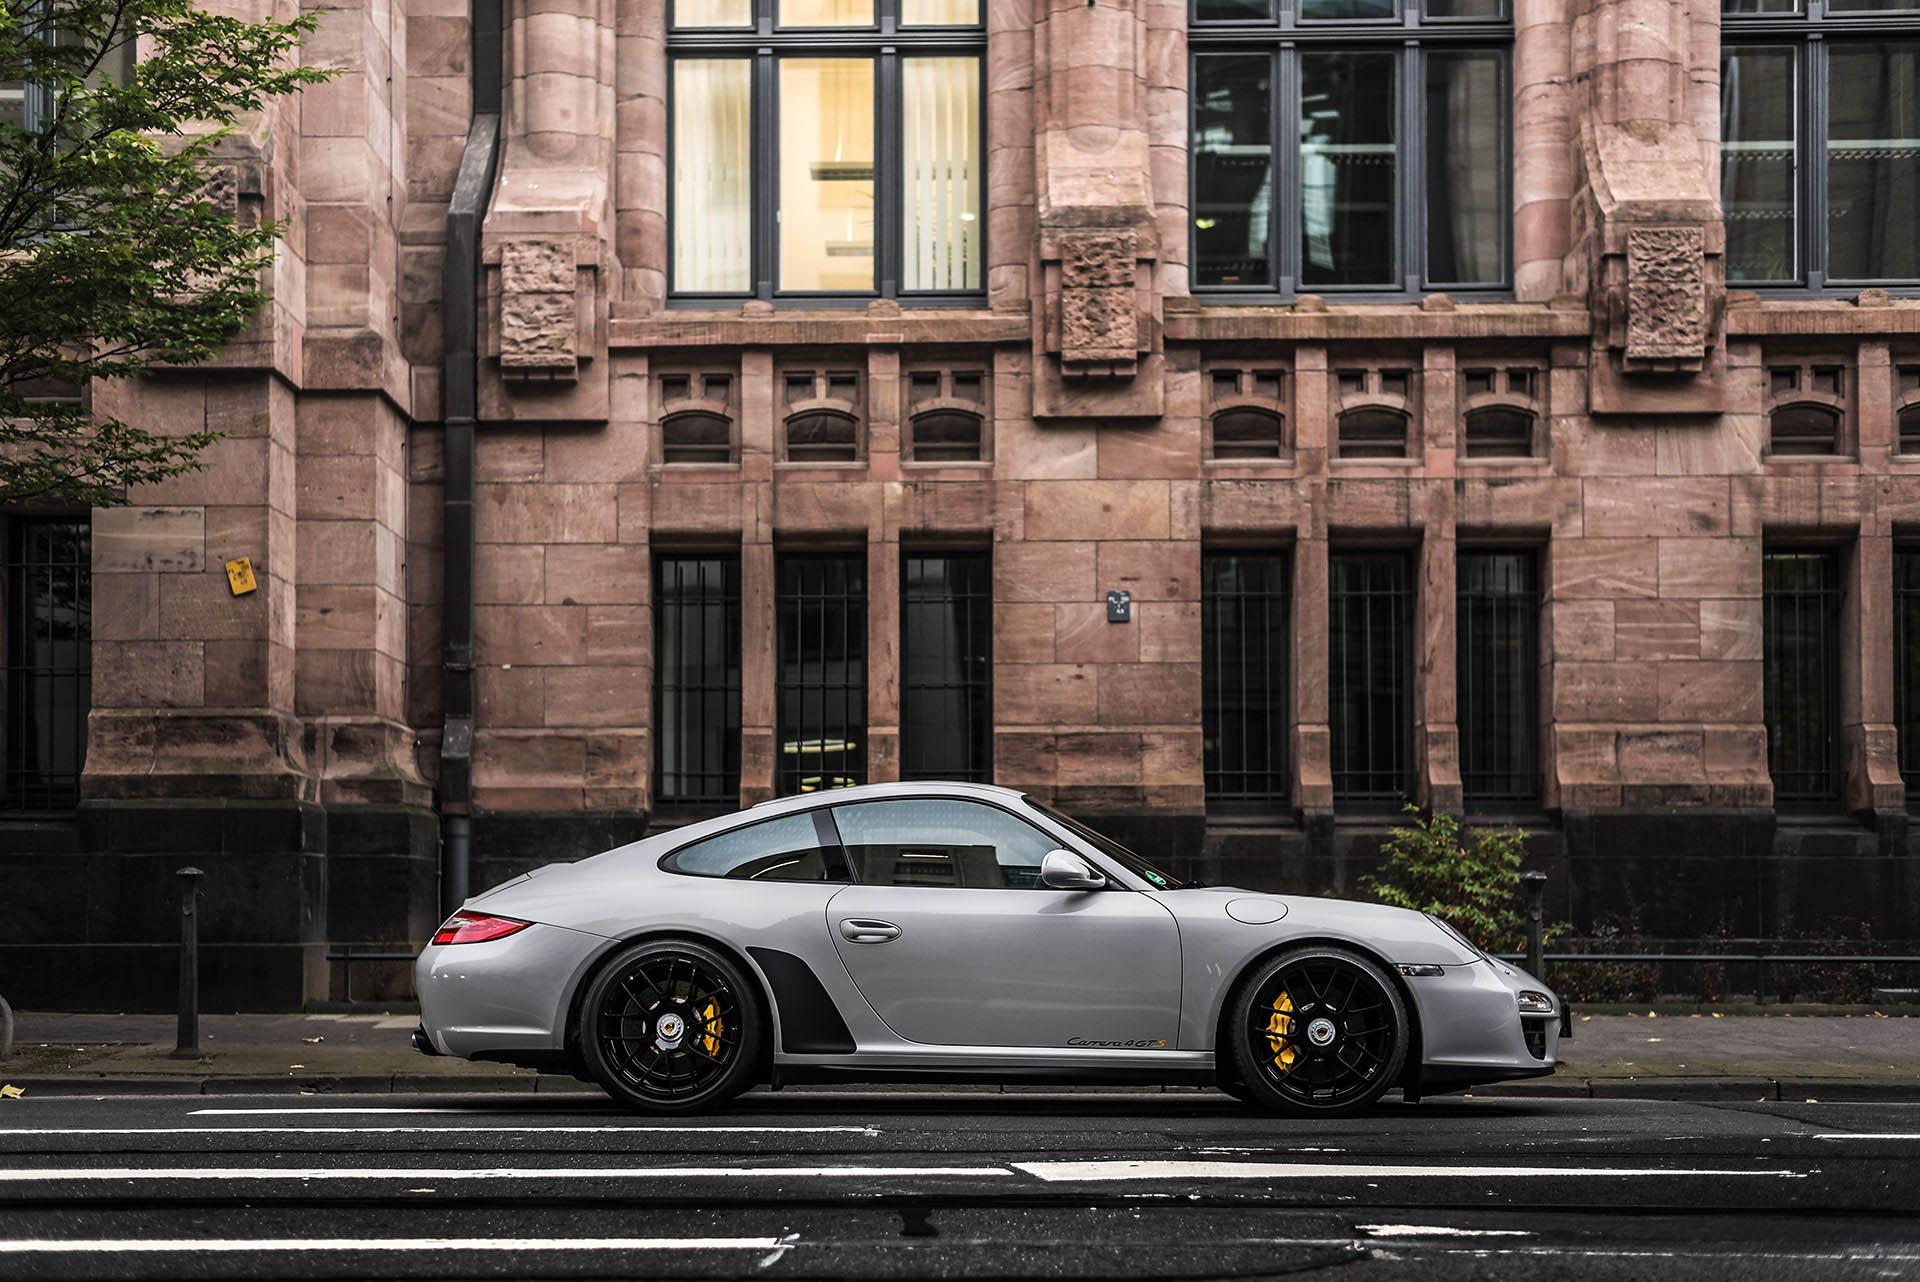 B&K_Sportwagen_Rheinland_GmbH_Porsche_997_4GTS_grau_1